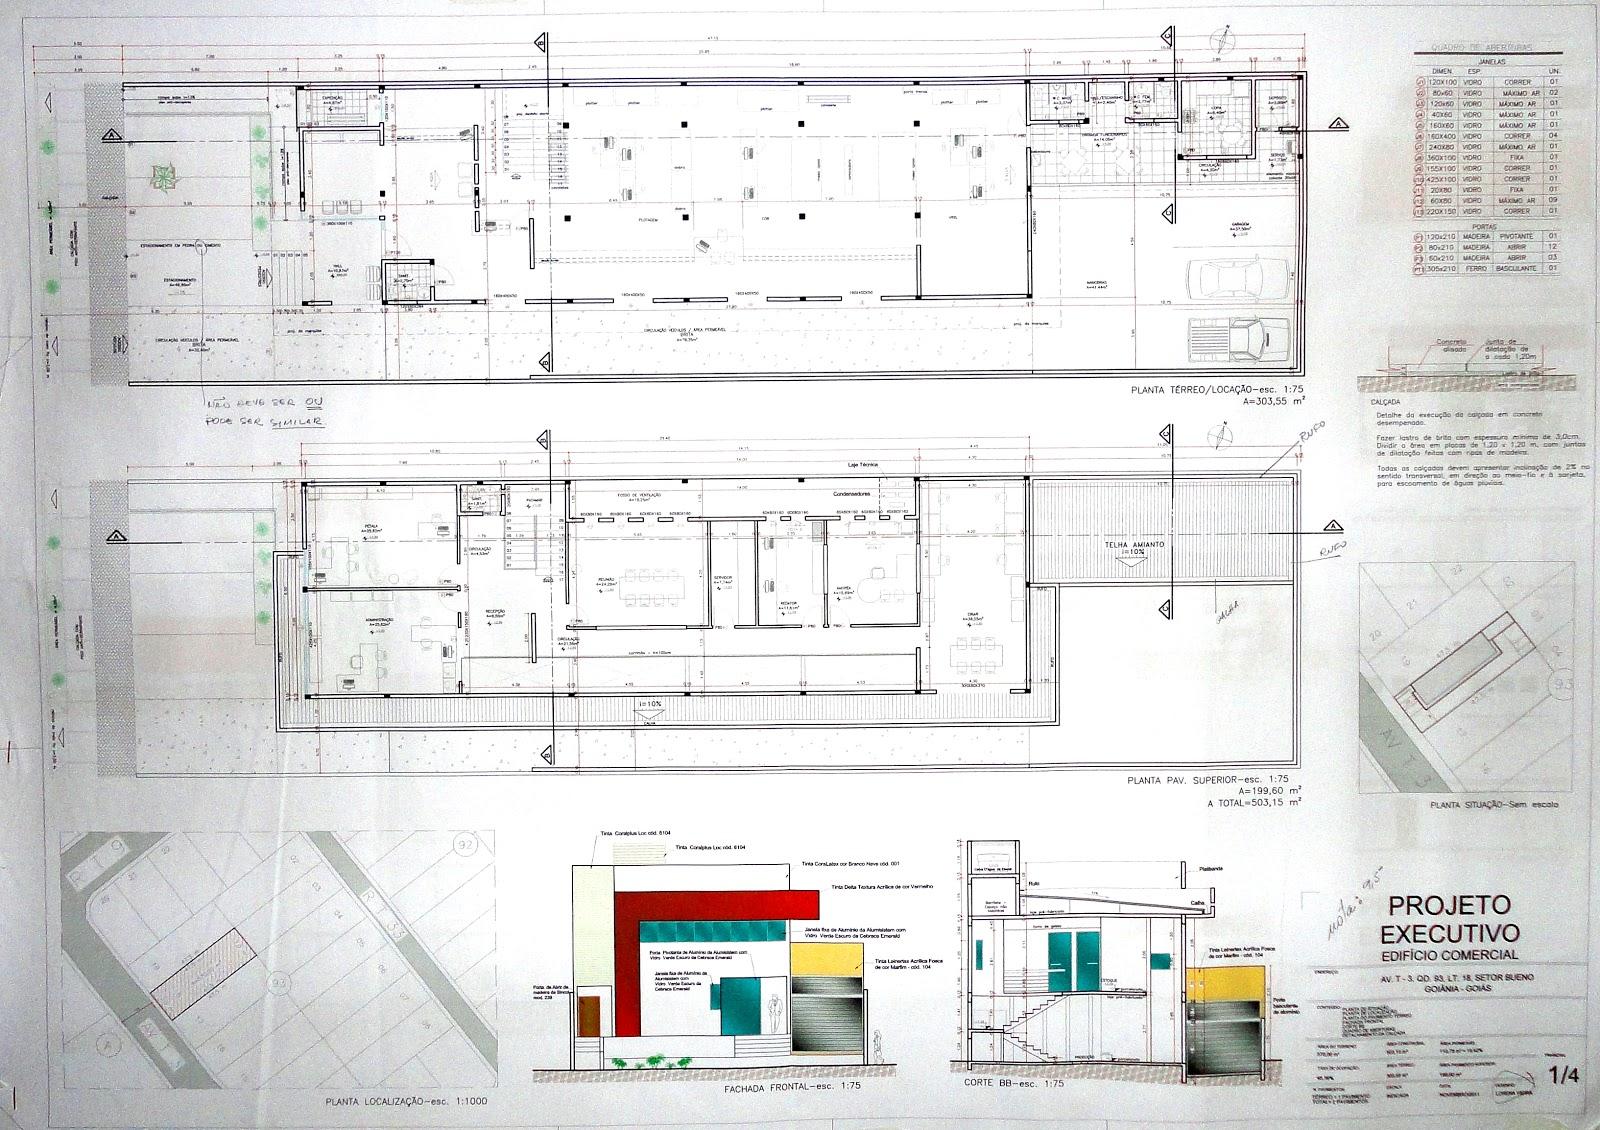 Urbanismo: Projeto Executivo de uma Arquitetura Comercial #87130B 1600 1130